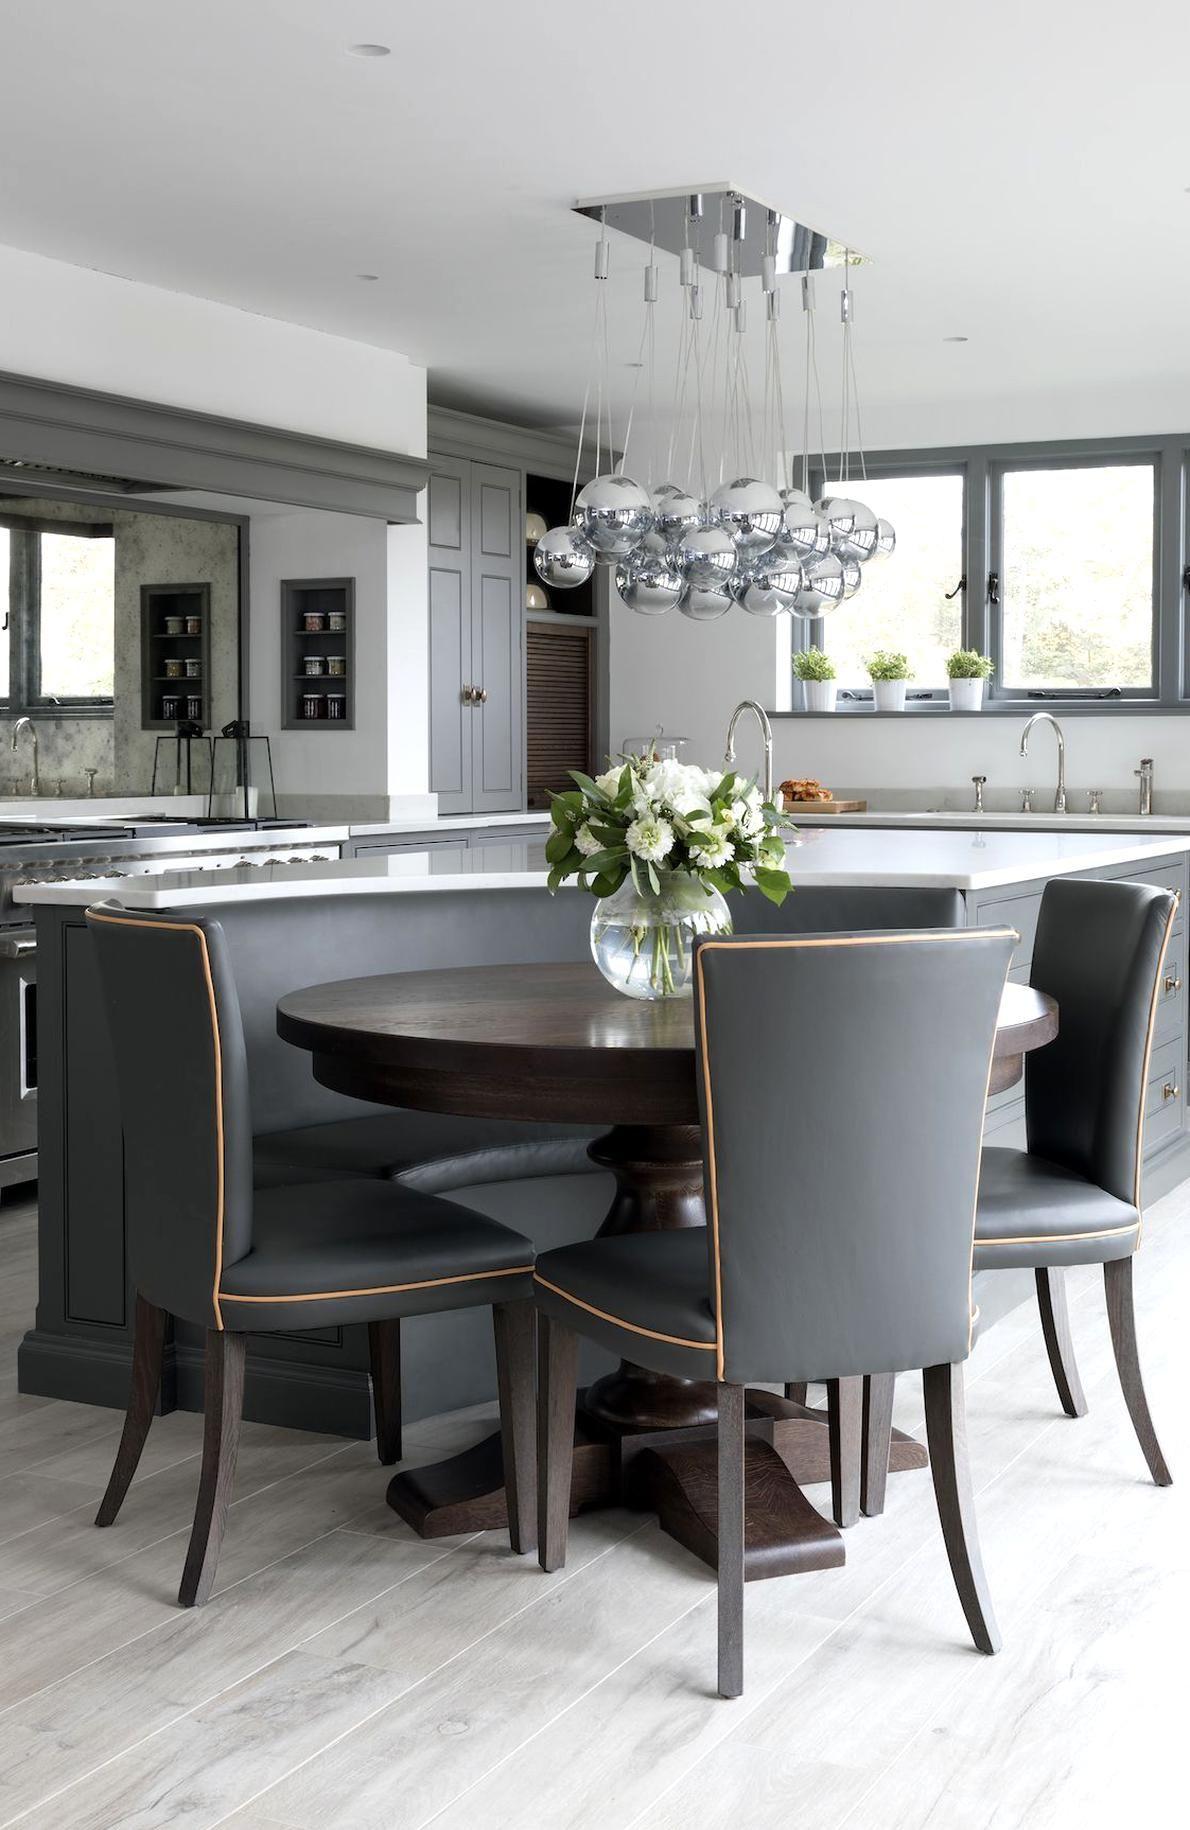 Modern Classic Kitchen Design: Walton Barn Classic Contemporary Barn Project